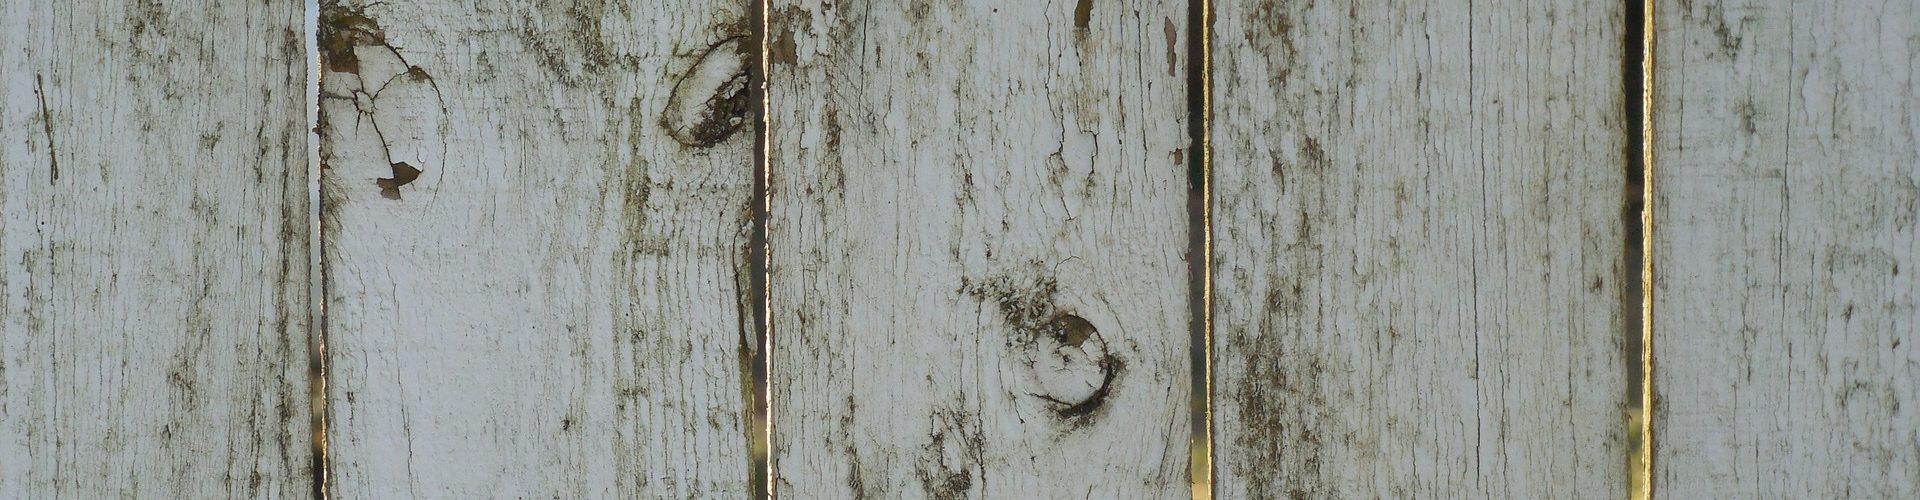 Full Size of Paletten Bett 140x200 Bauen Palettenbett Obi Anleitung 180x200 Selber Küche Dusche Einbauen Einbauküche Regale Boxspring Bodengleiche Kopfteil Nachträglich Wohnzimmer Palettenbett Bauen